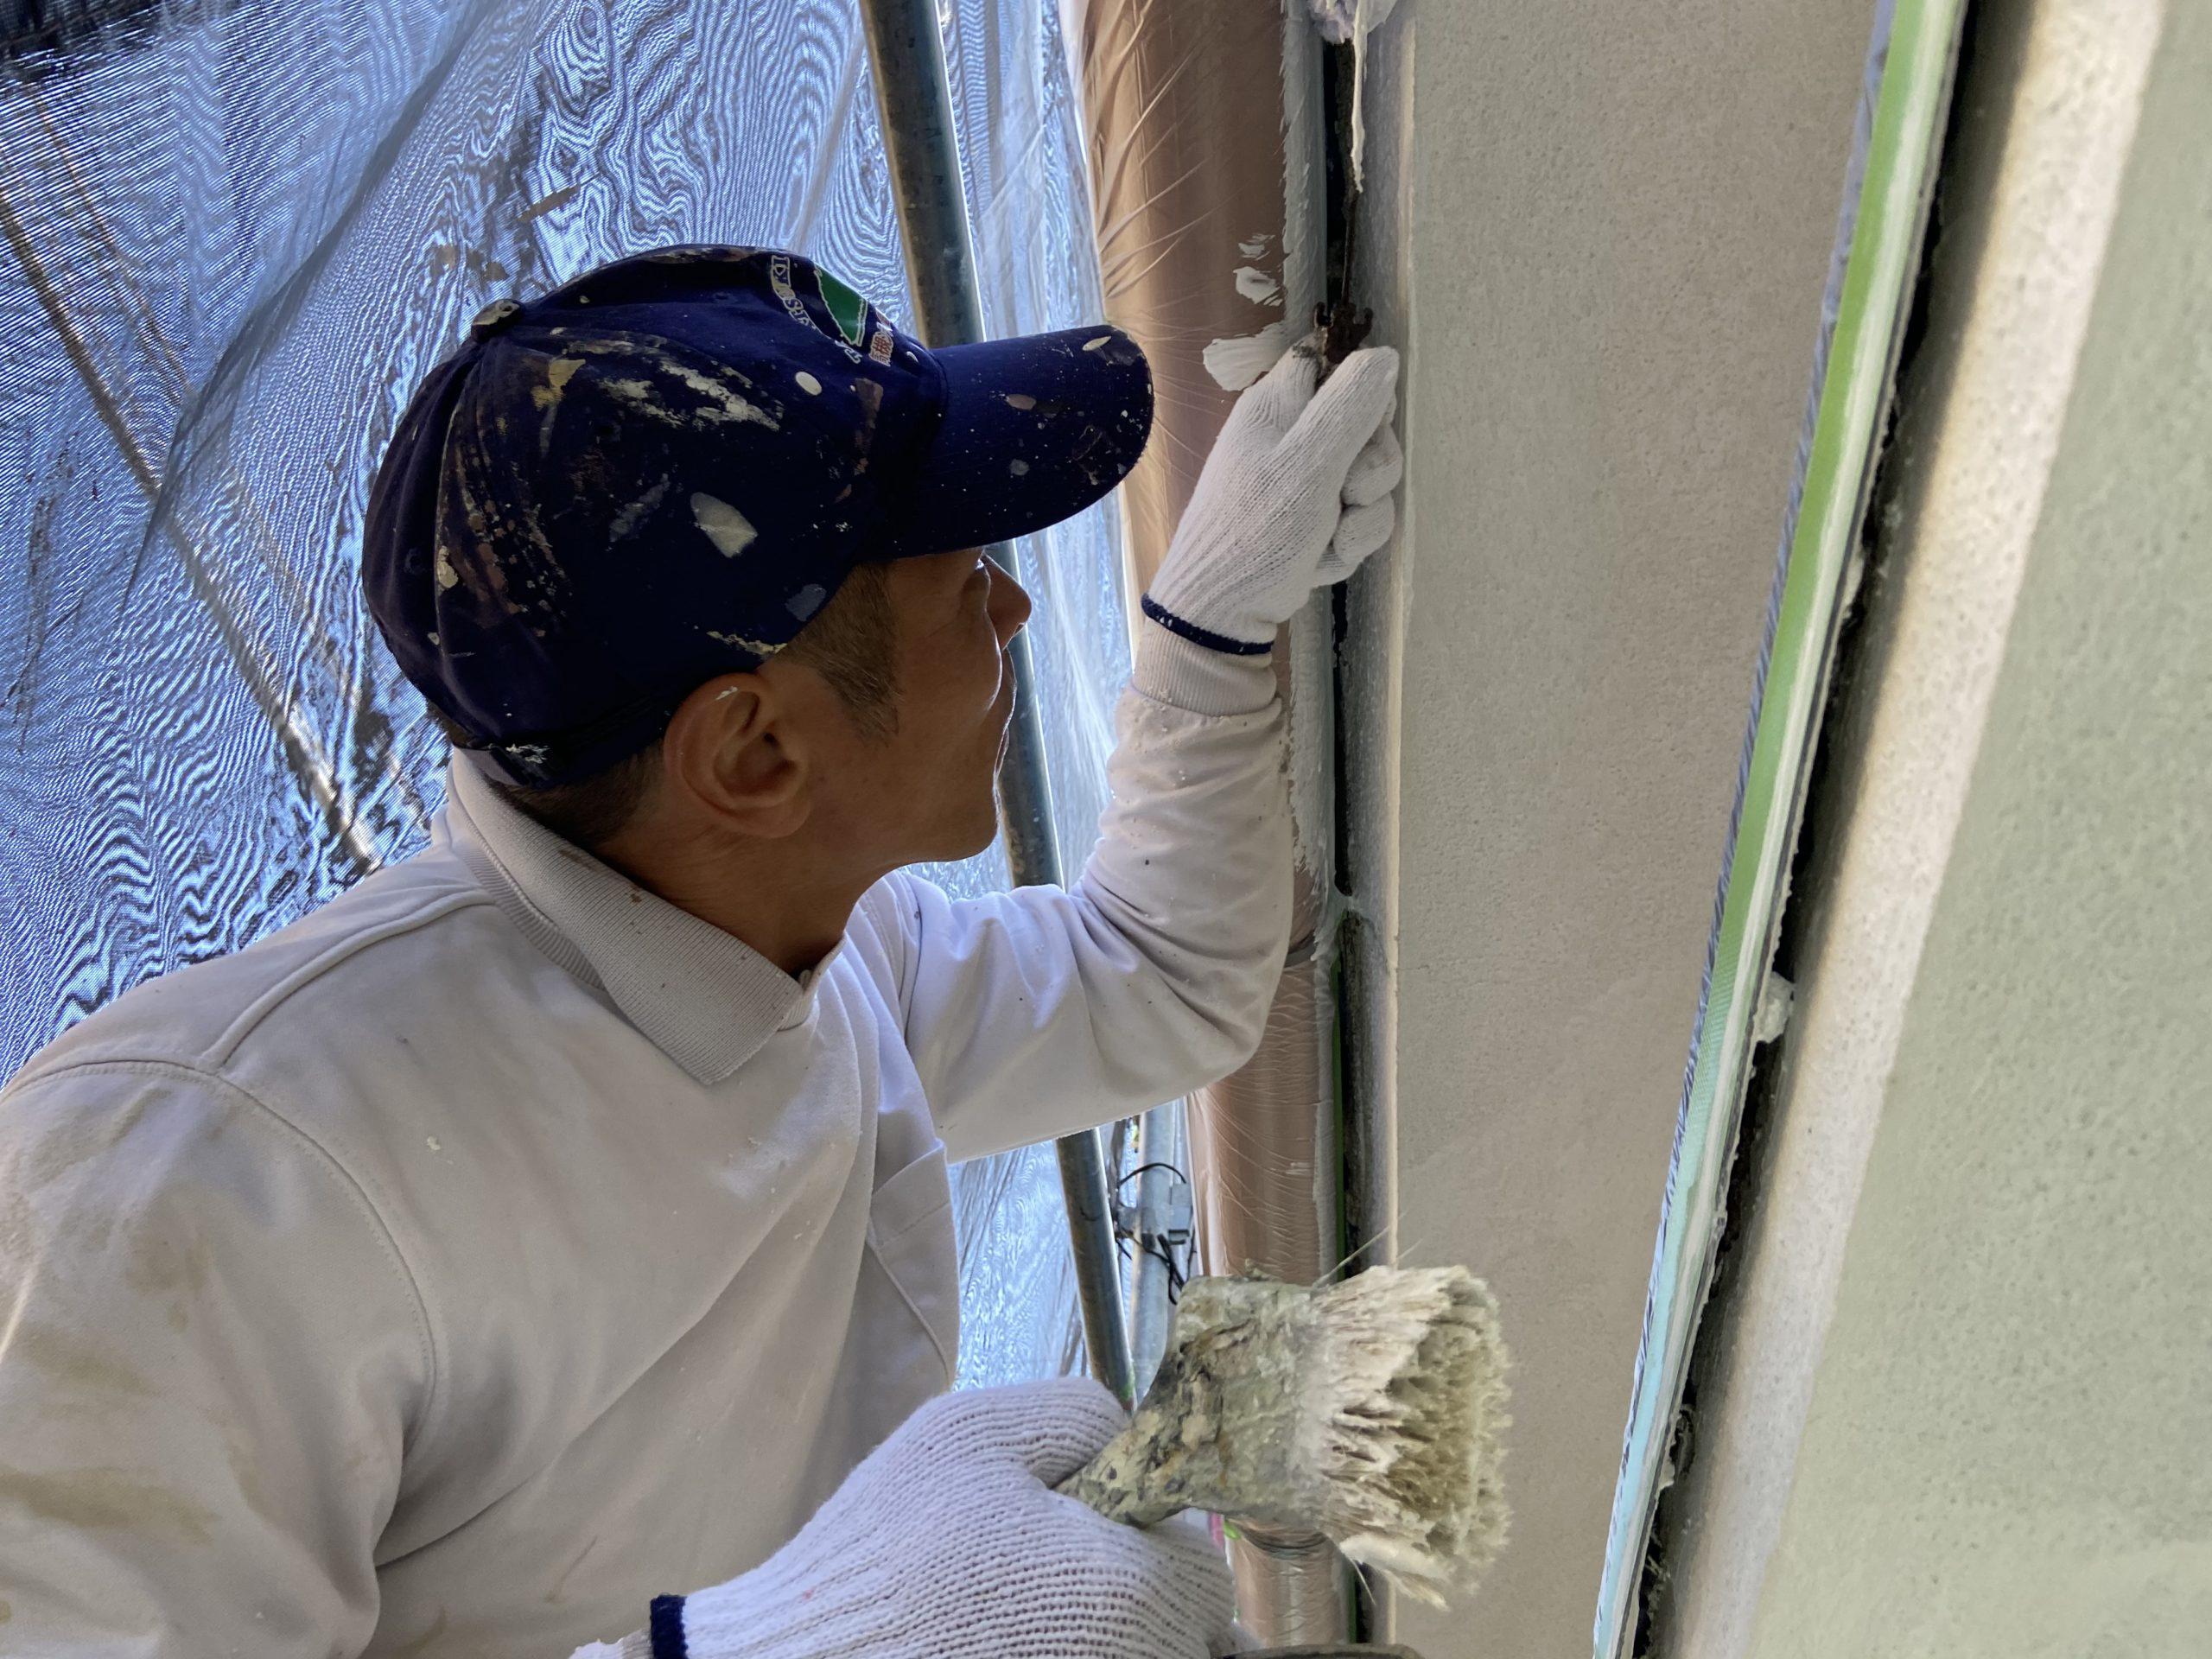 茨木・高槻の外壁屋根塗装防水YJリフォーム外壁刷毛塗装@高槻市土橋町